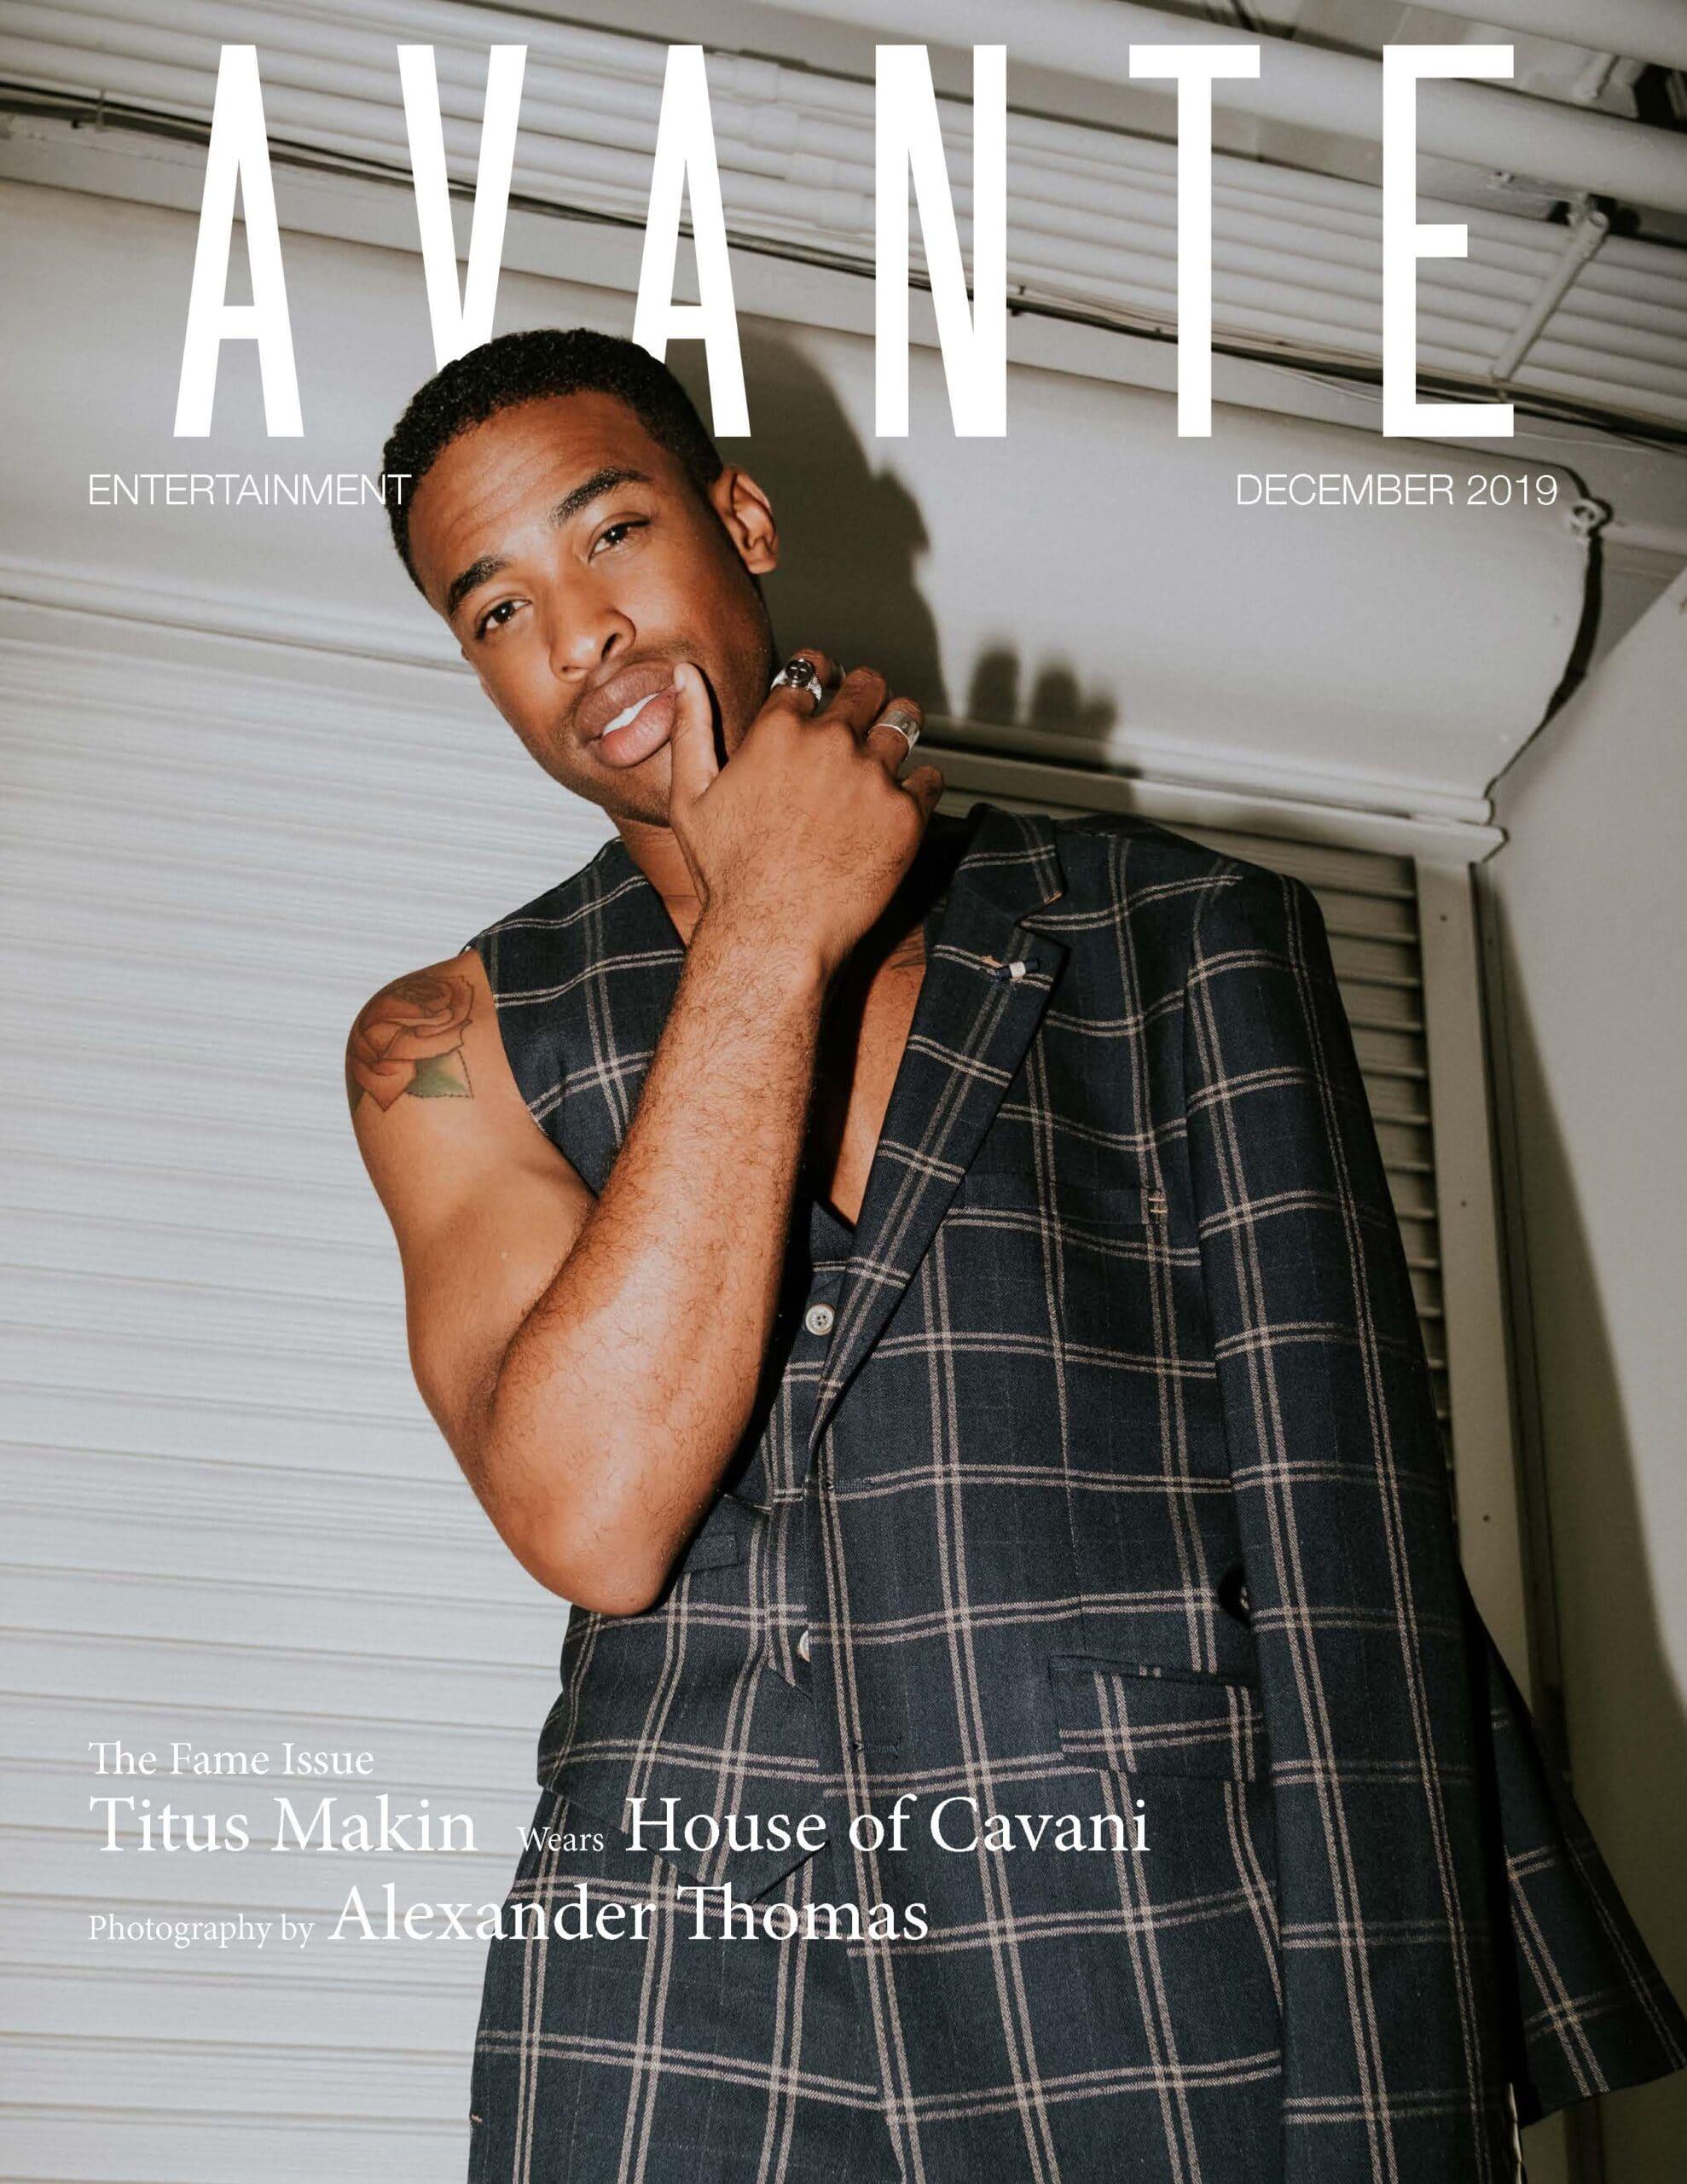 Titus (Avante Magazine)